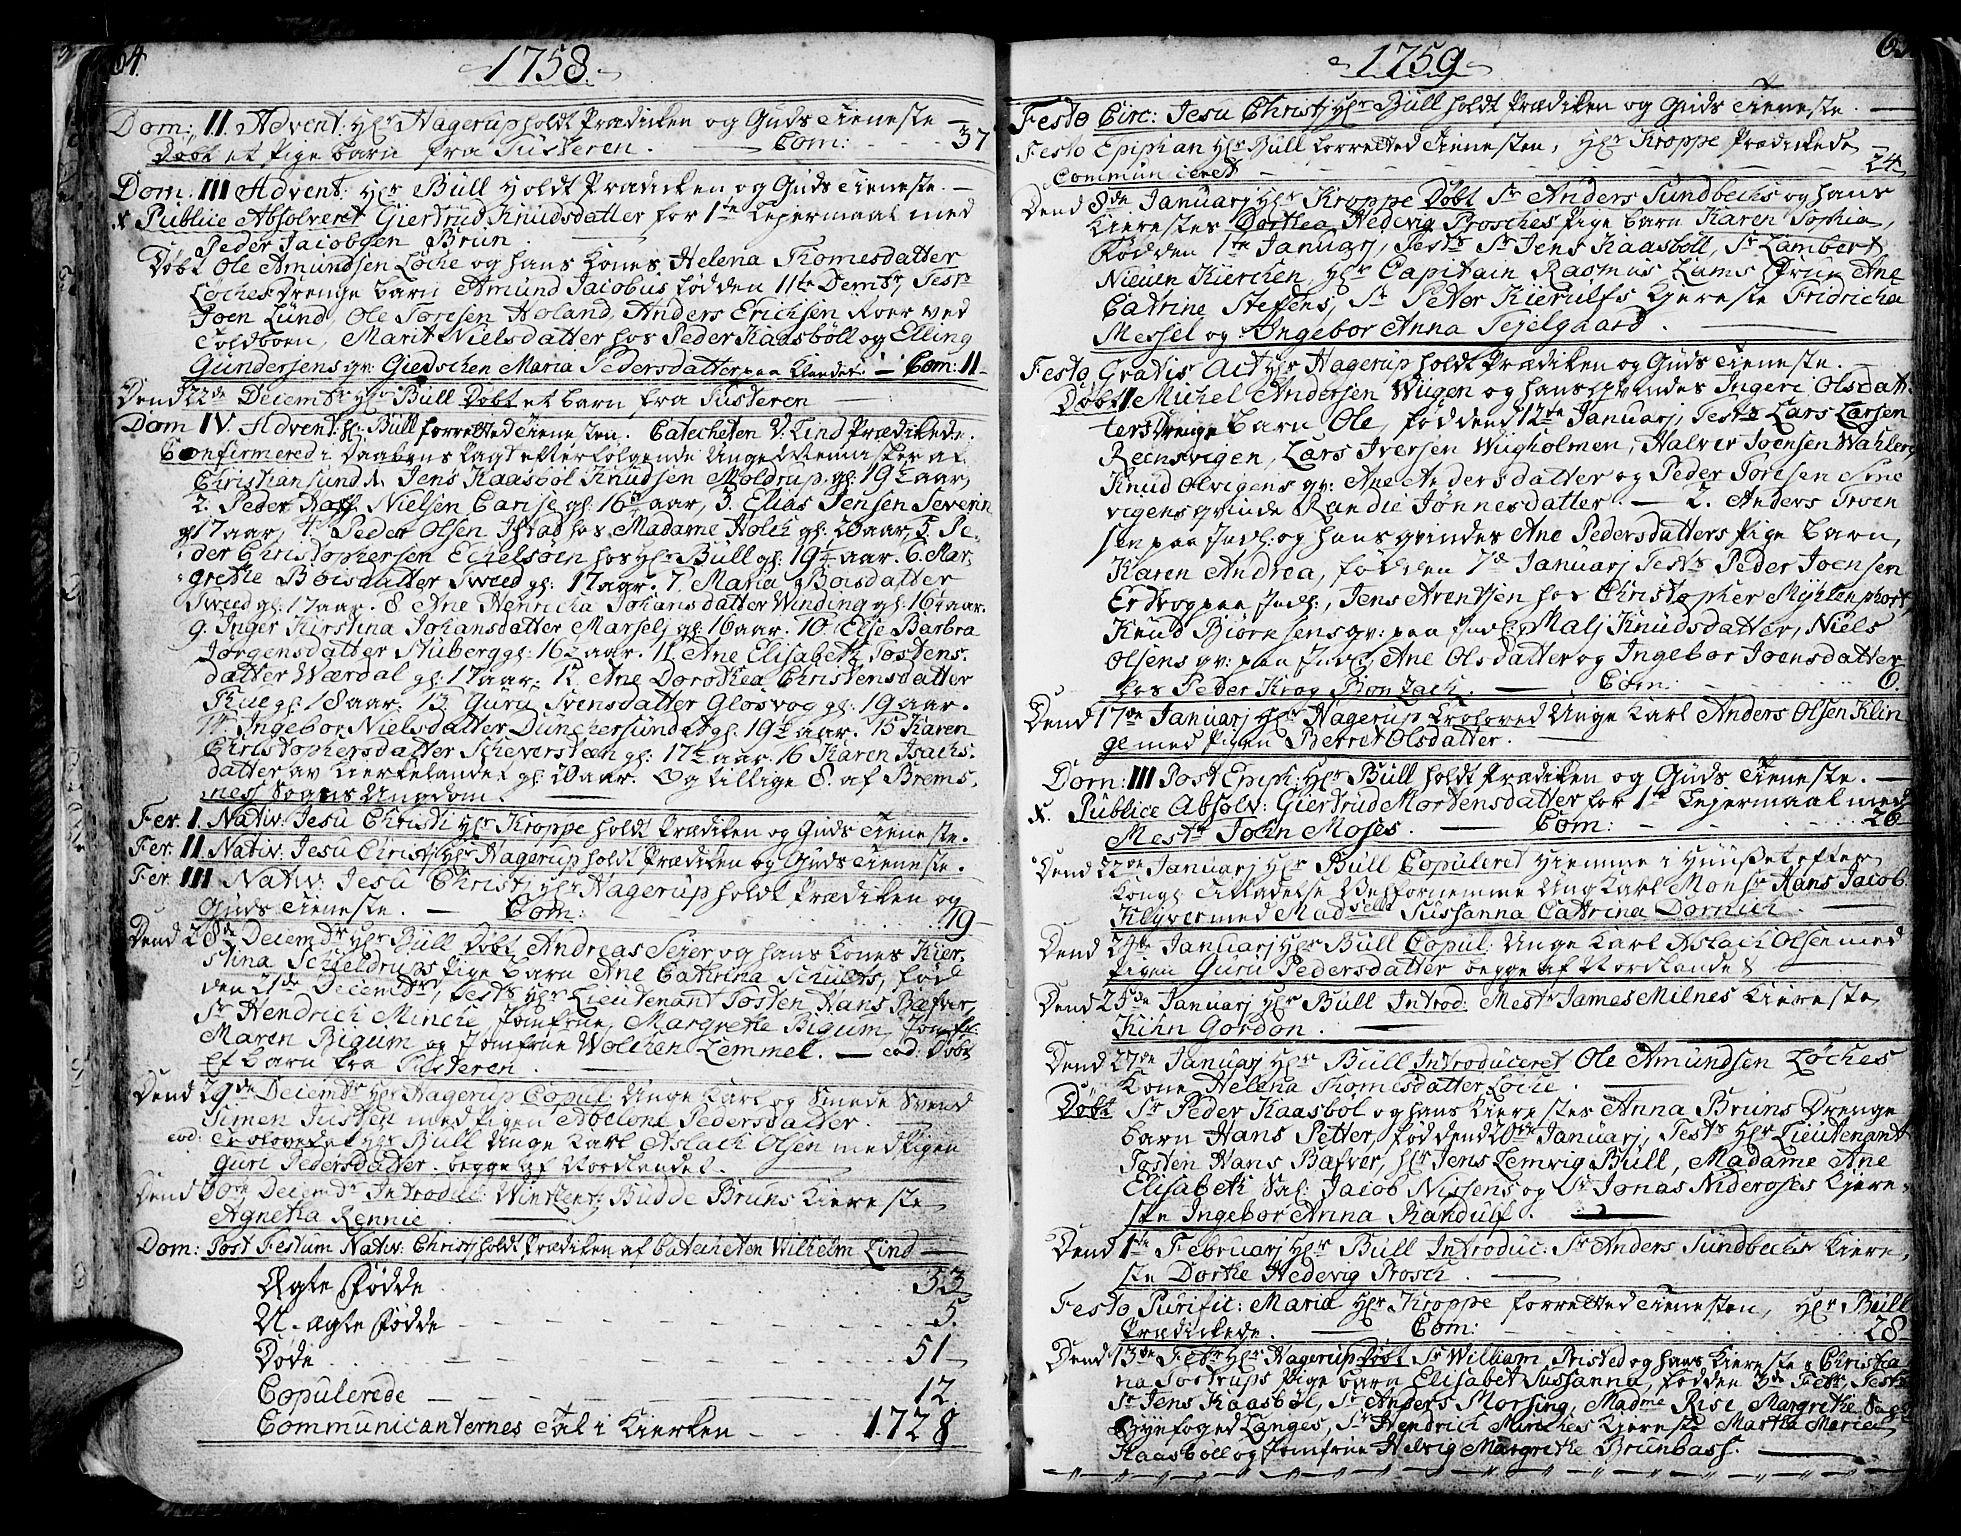 SAT, Ministerialprotokoller, klokkerbøker og fødselsregistre - Møre og Romsdal, 572/L0840: Ministerialbok nr. 572A03, 1754-1784, s. 64-65